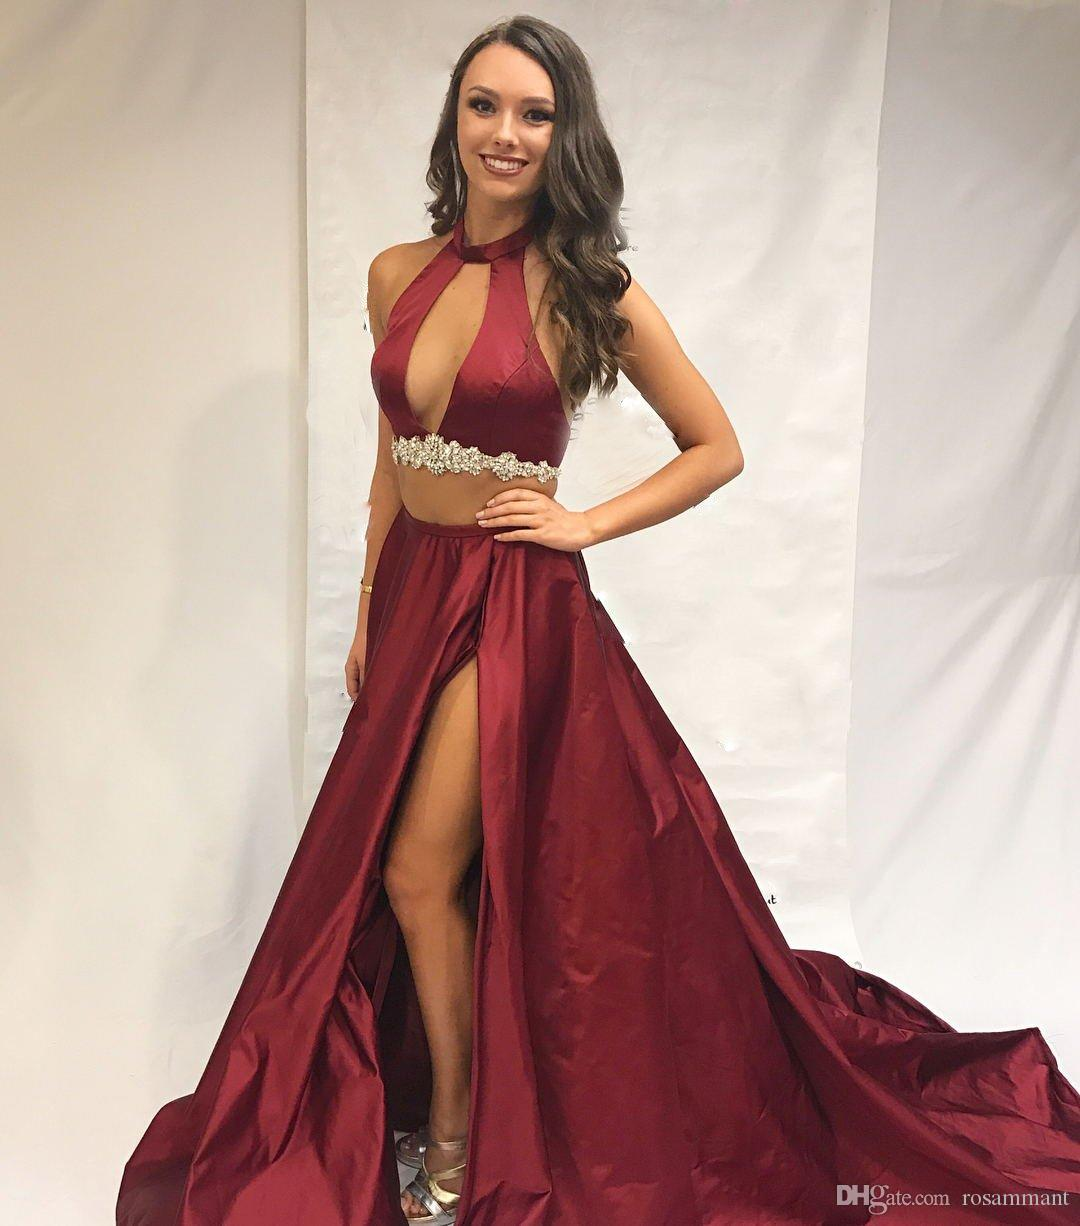 Abiti 2020 della Borgogna abito di sera sexy due pezzi del partito di sera con lunghi Halter Prom Dresses spacco laterale